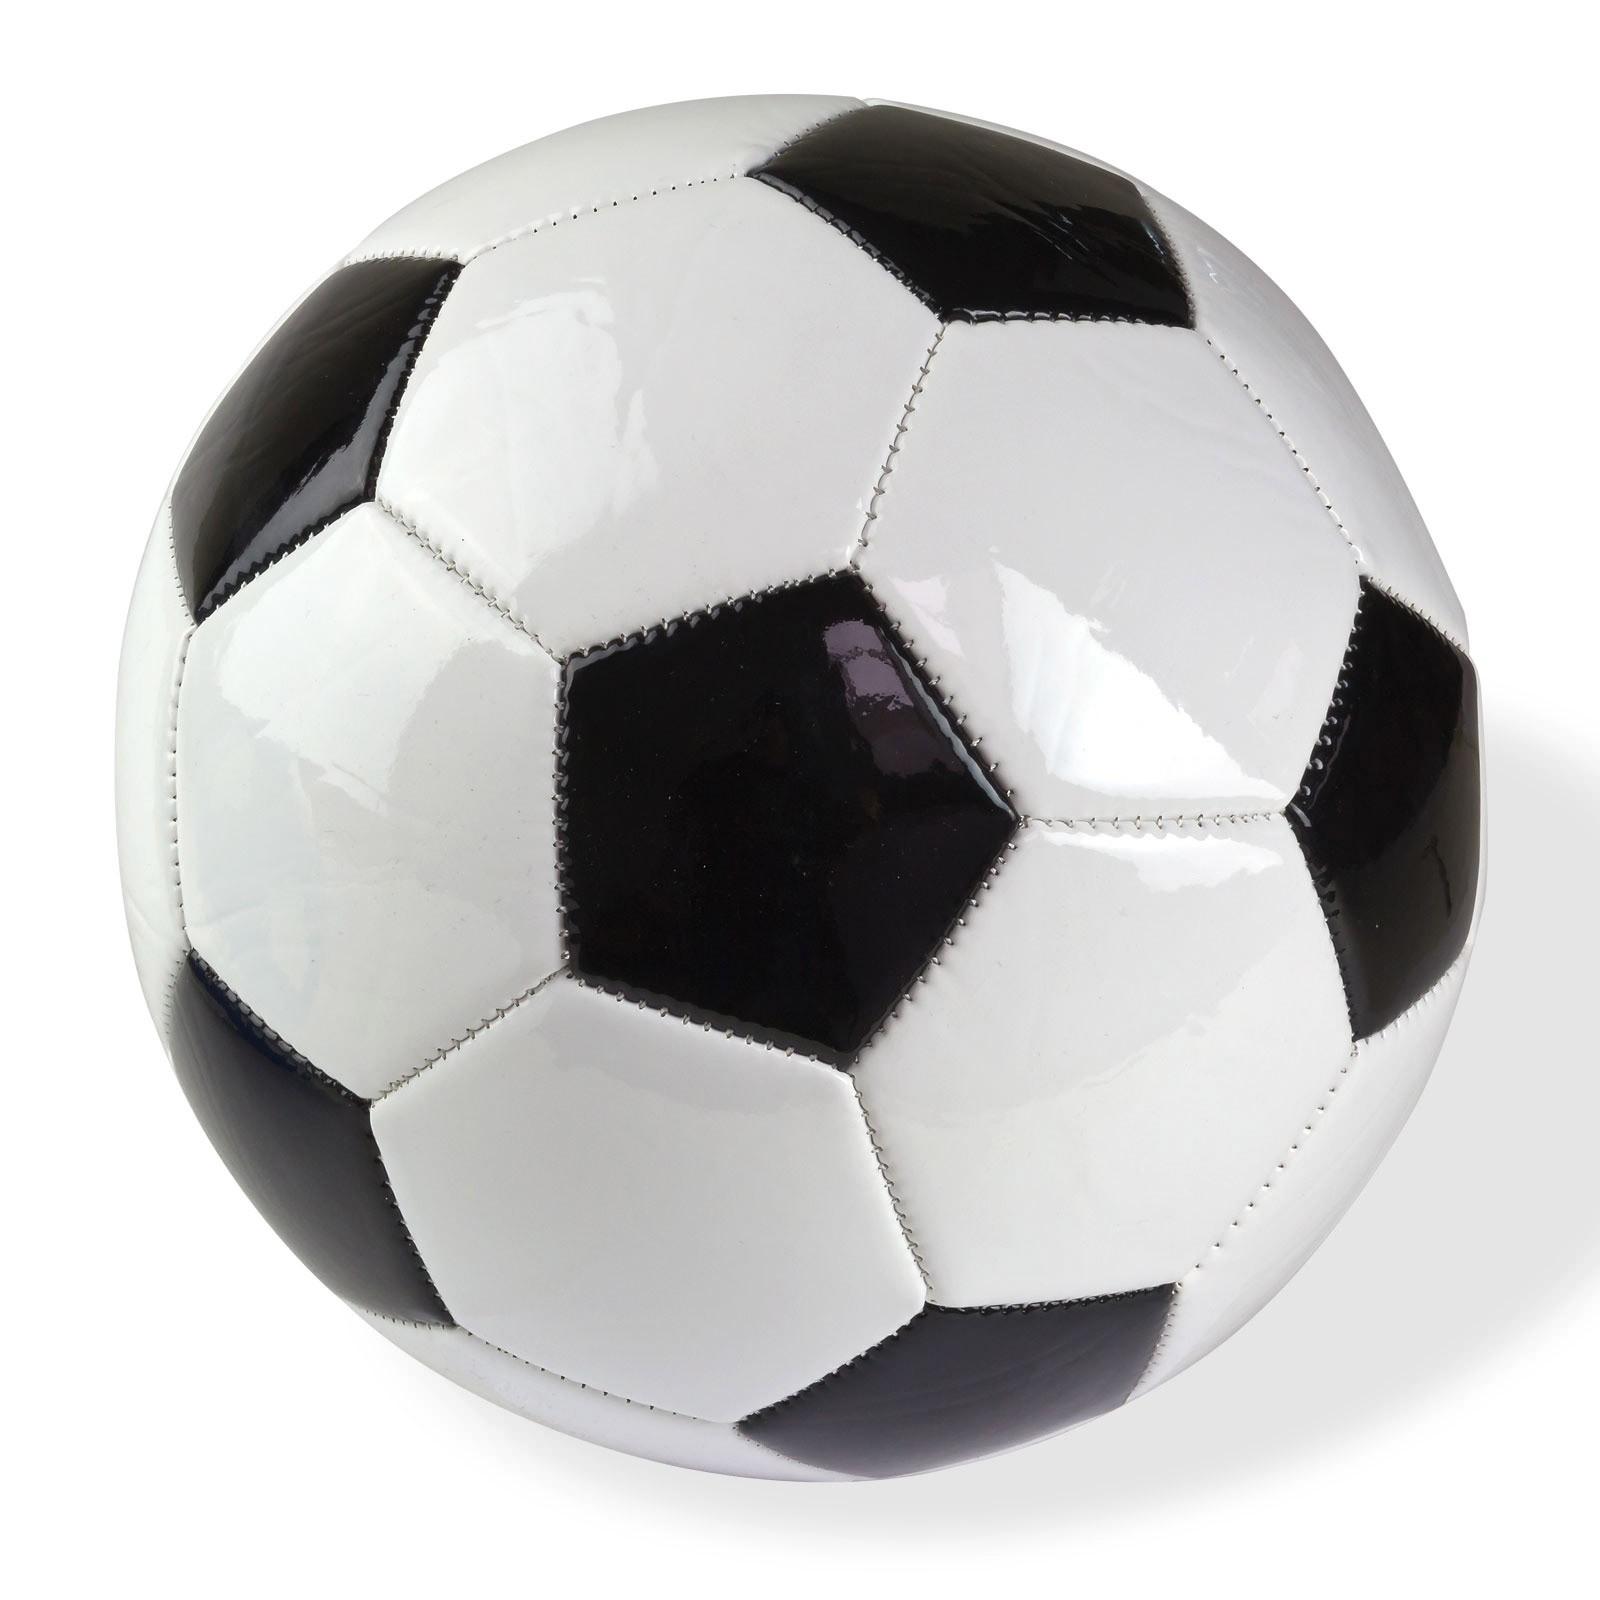 füssball